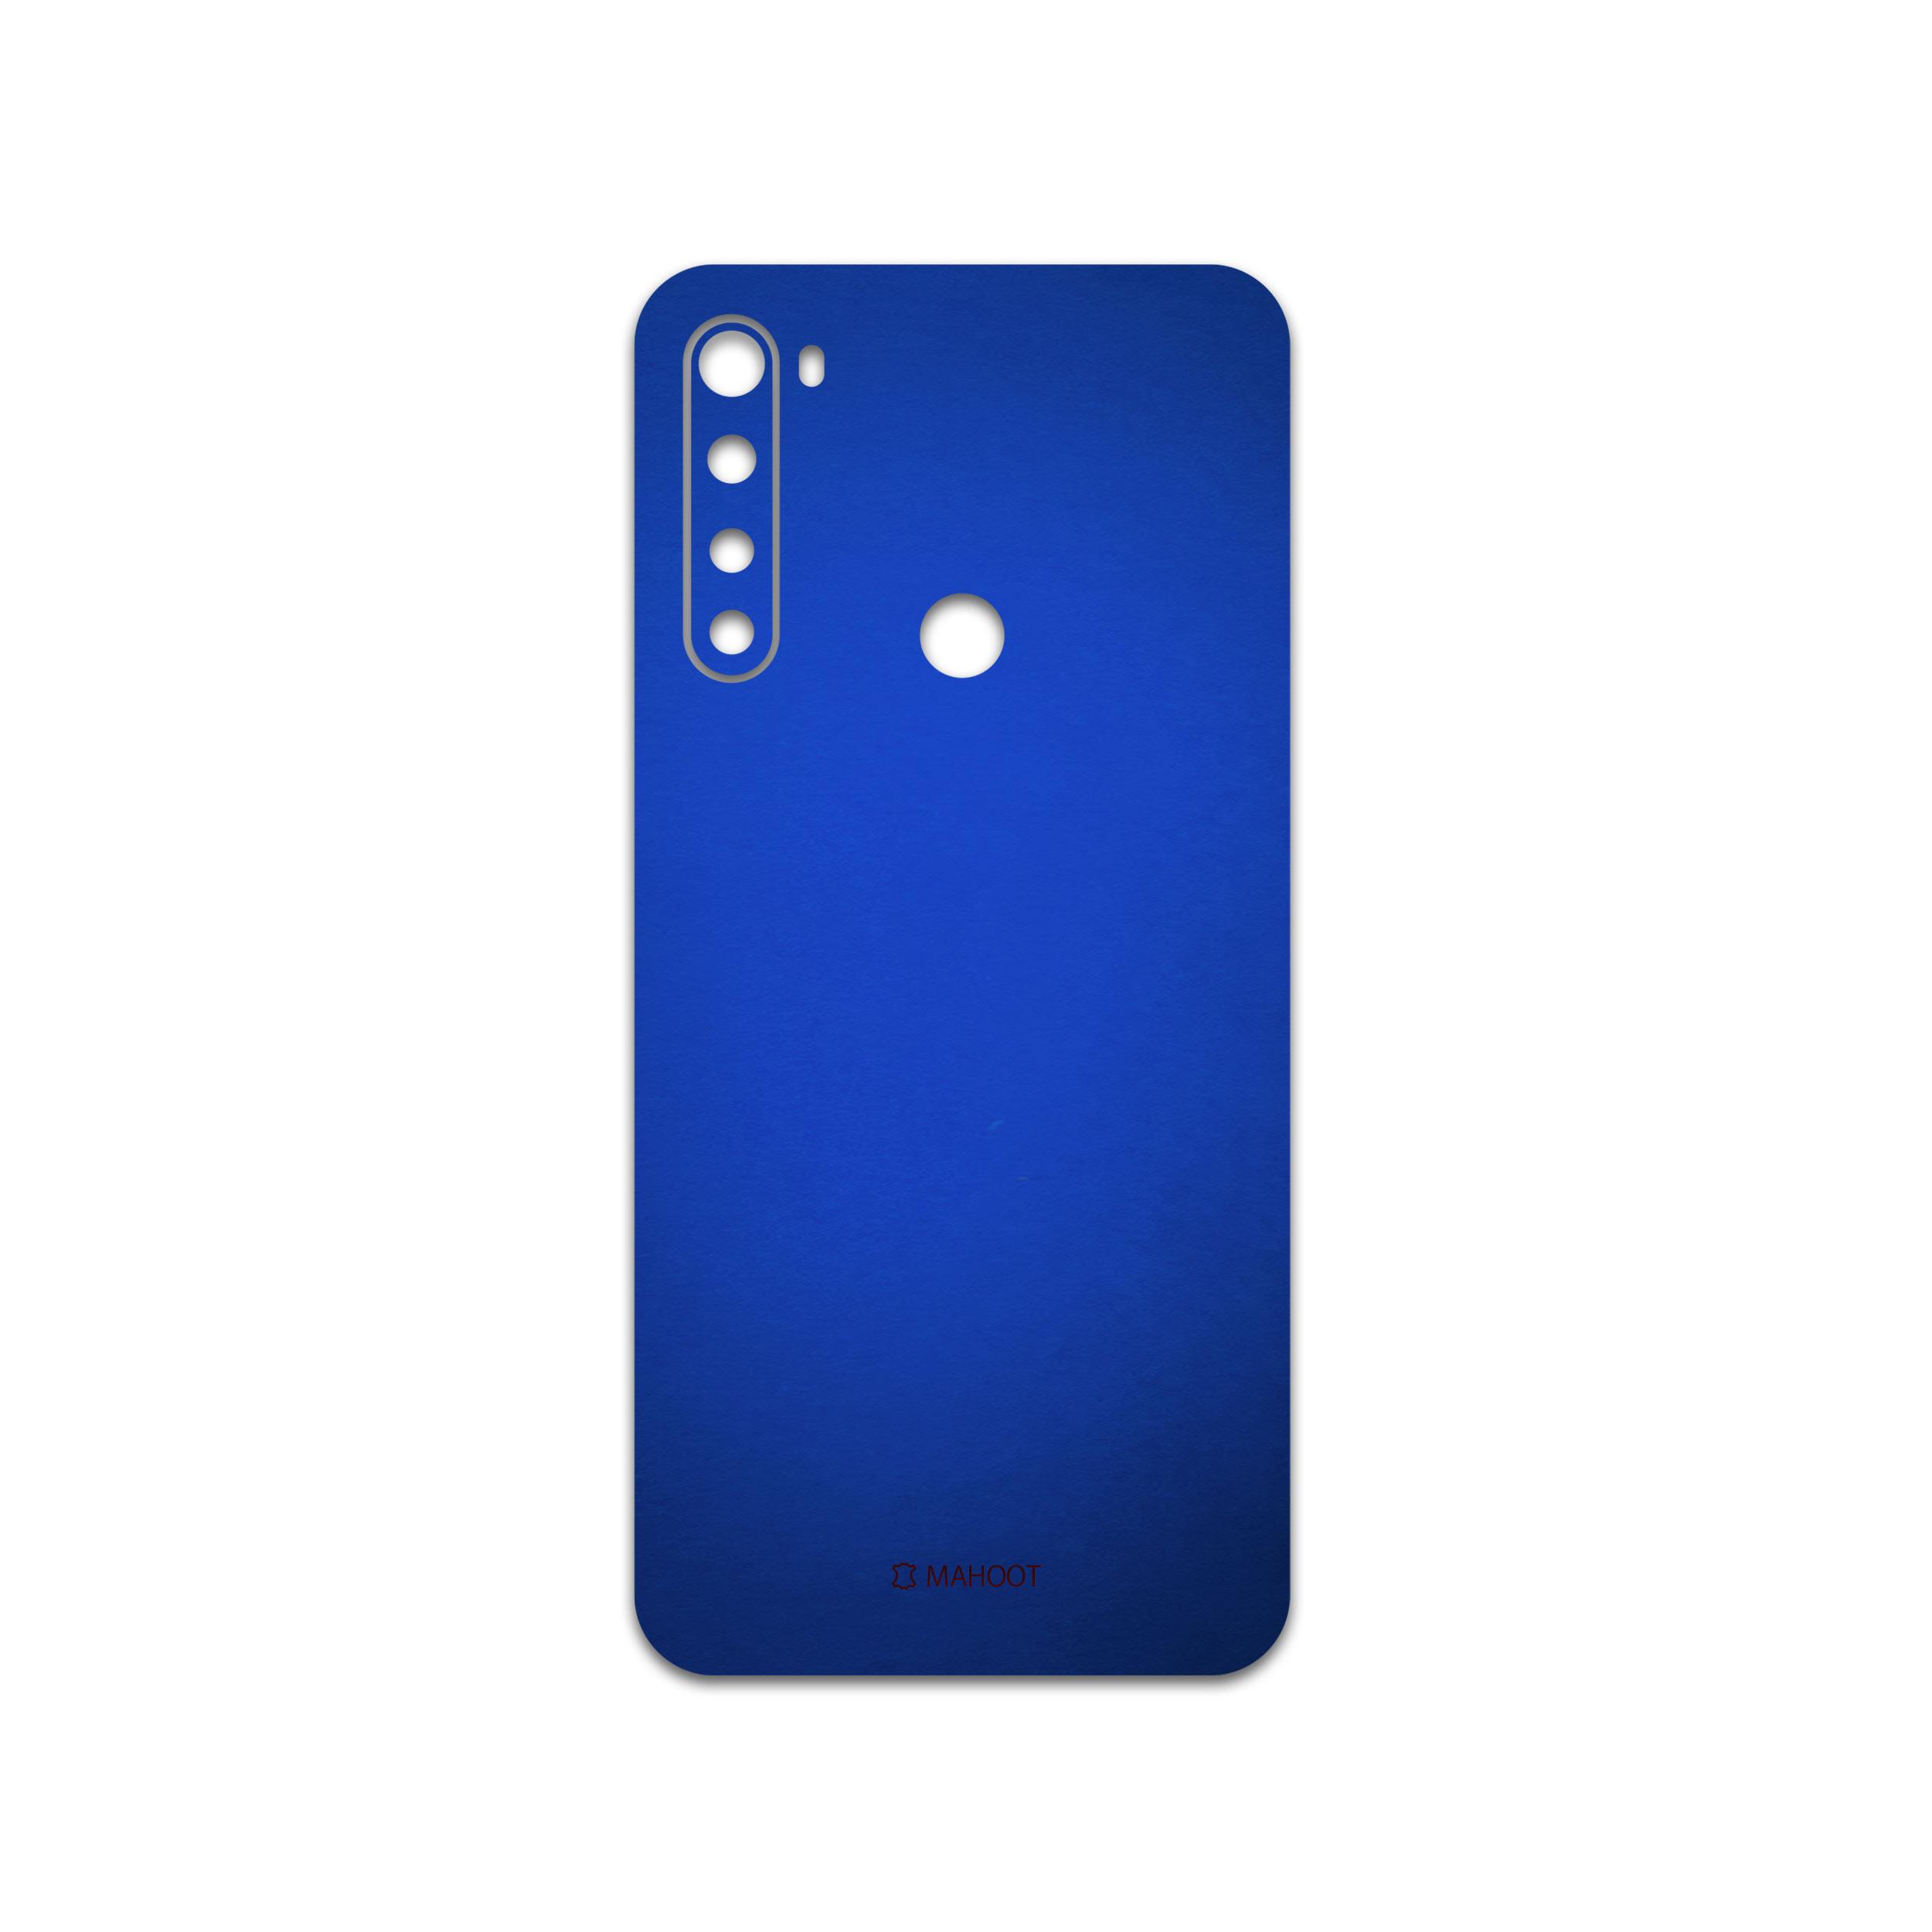 برچسب پوششی ماهوت مدل Metallic-Blue مناسب برای گوشی موبایل شیائومی Redmi Note 8